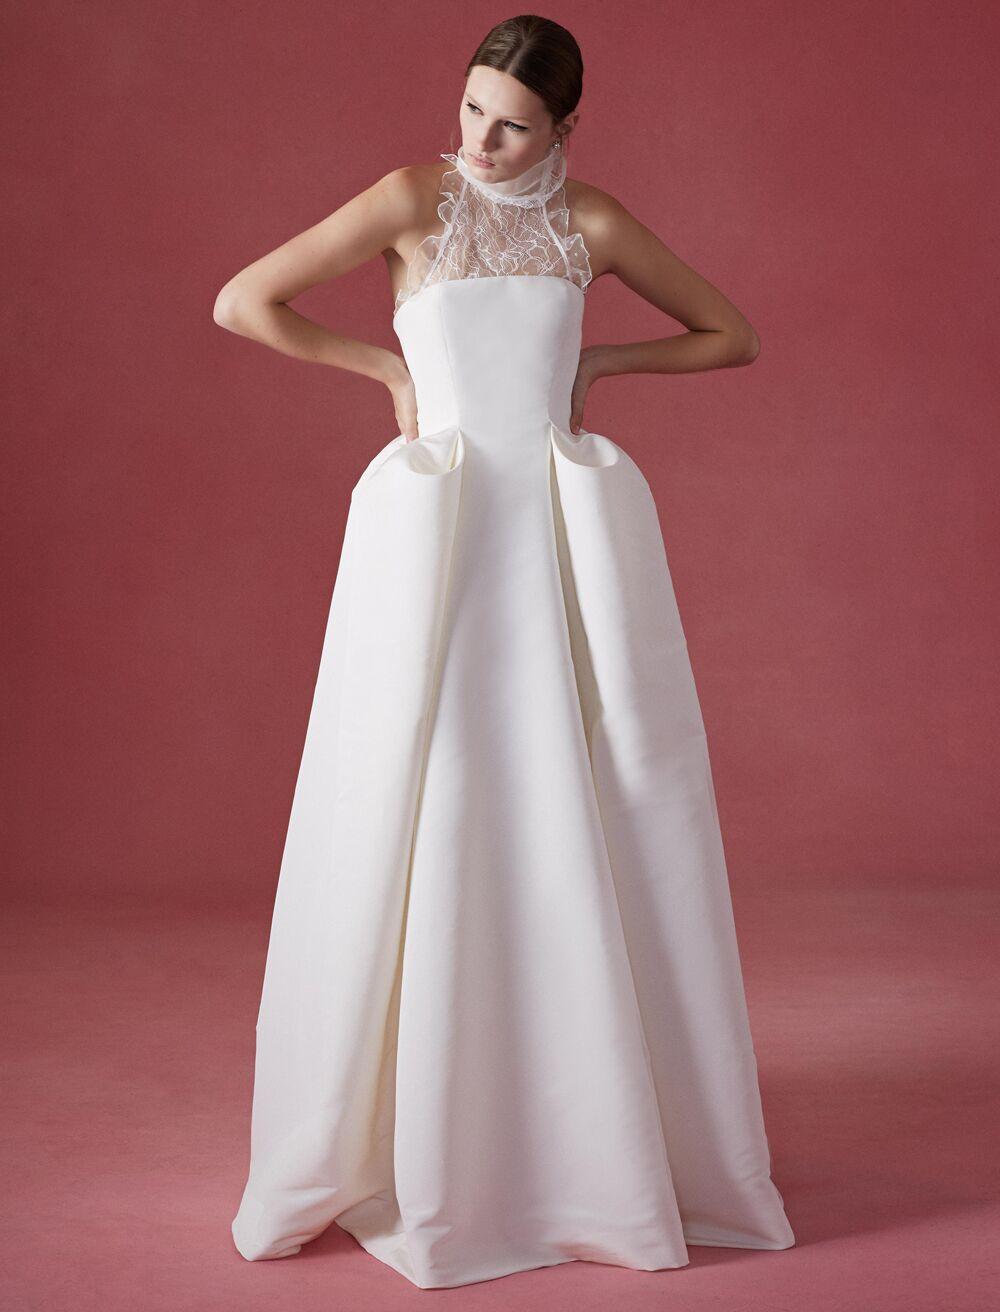 Oscar de la Renta Fall 2016 Collection: Wedding Dress Photos